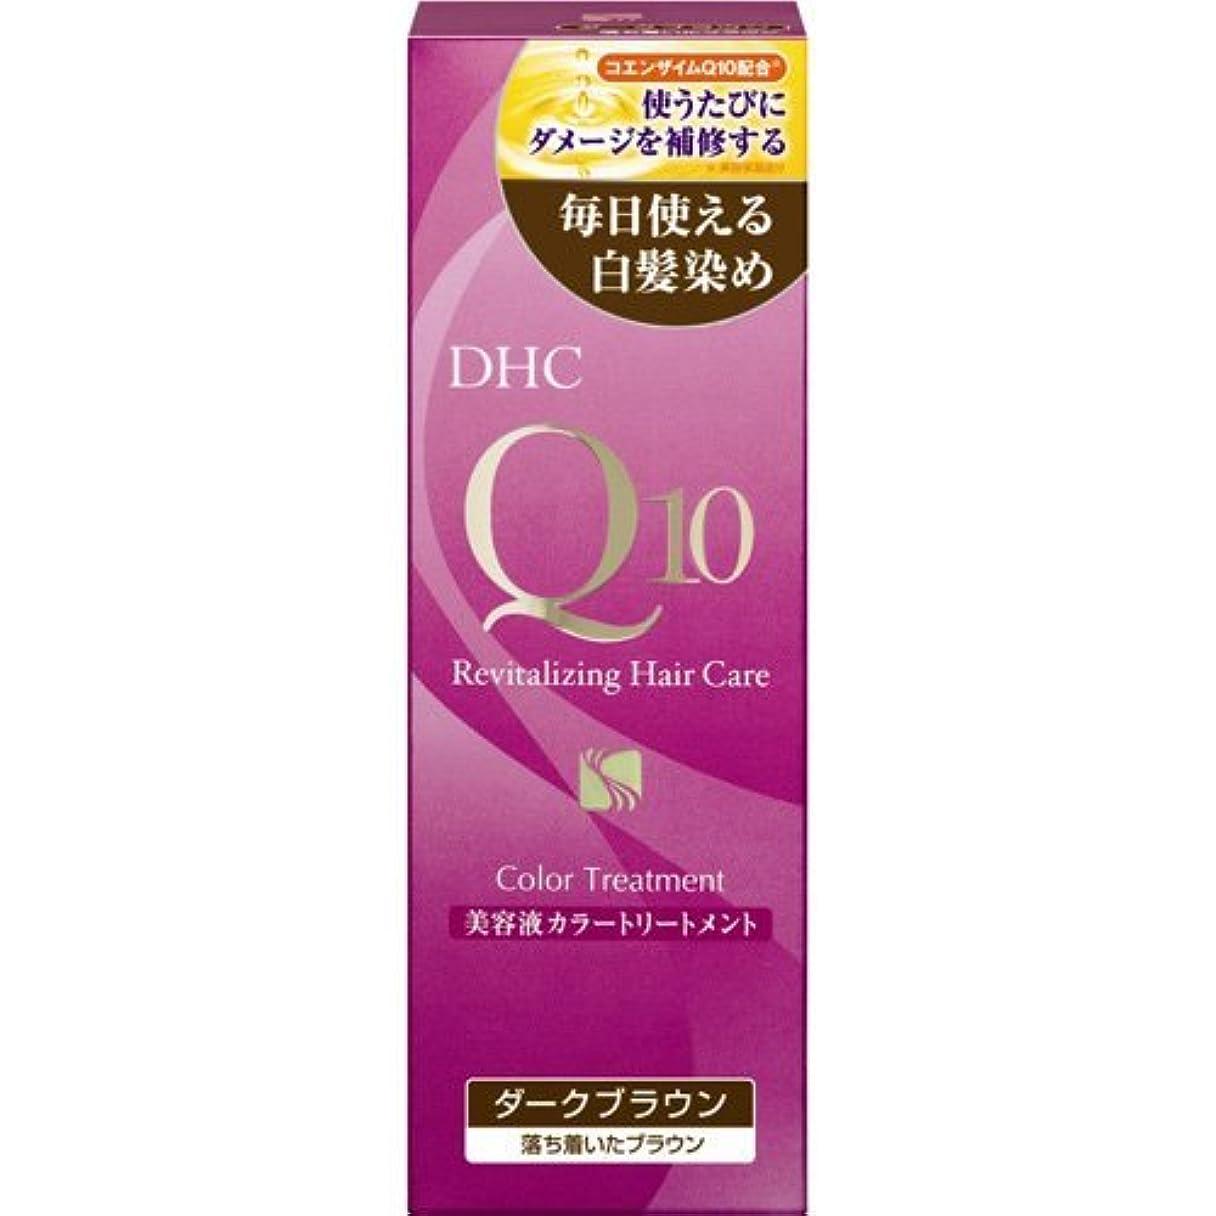 駅擬人化予言する【まとめ買い】DHC Q10美溶液カラートリートメントDブラウンSS170g ×6個